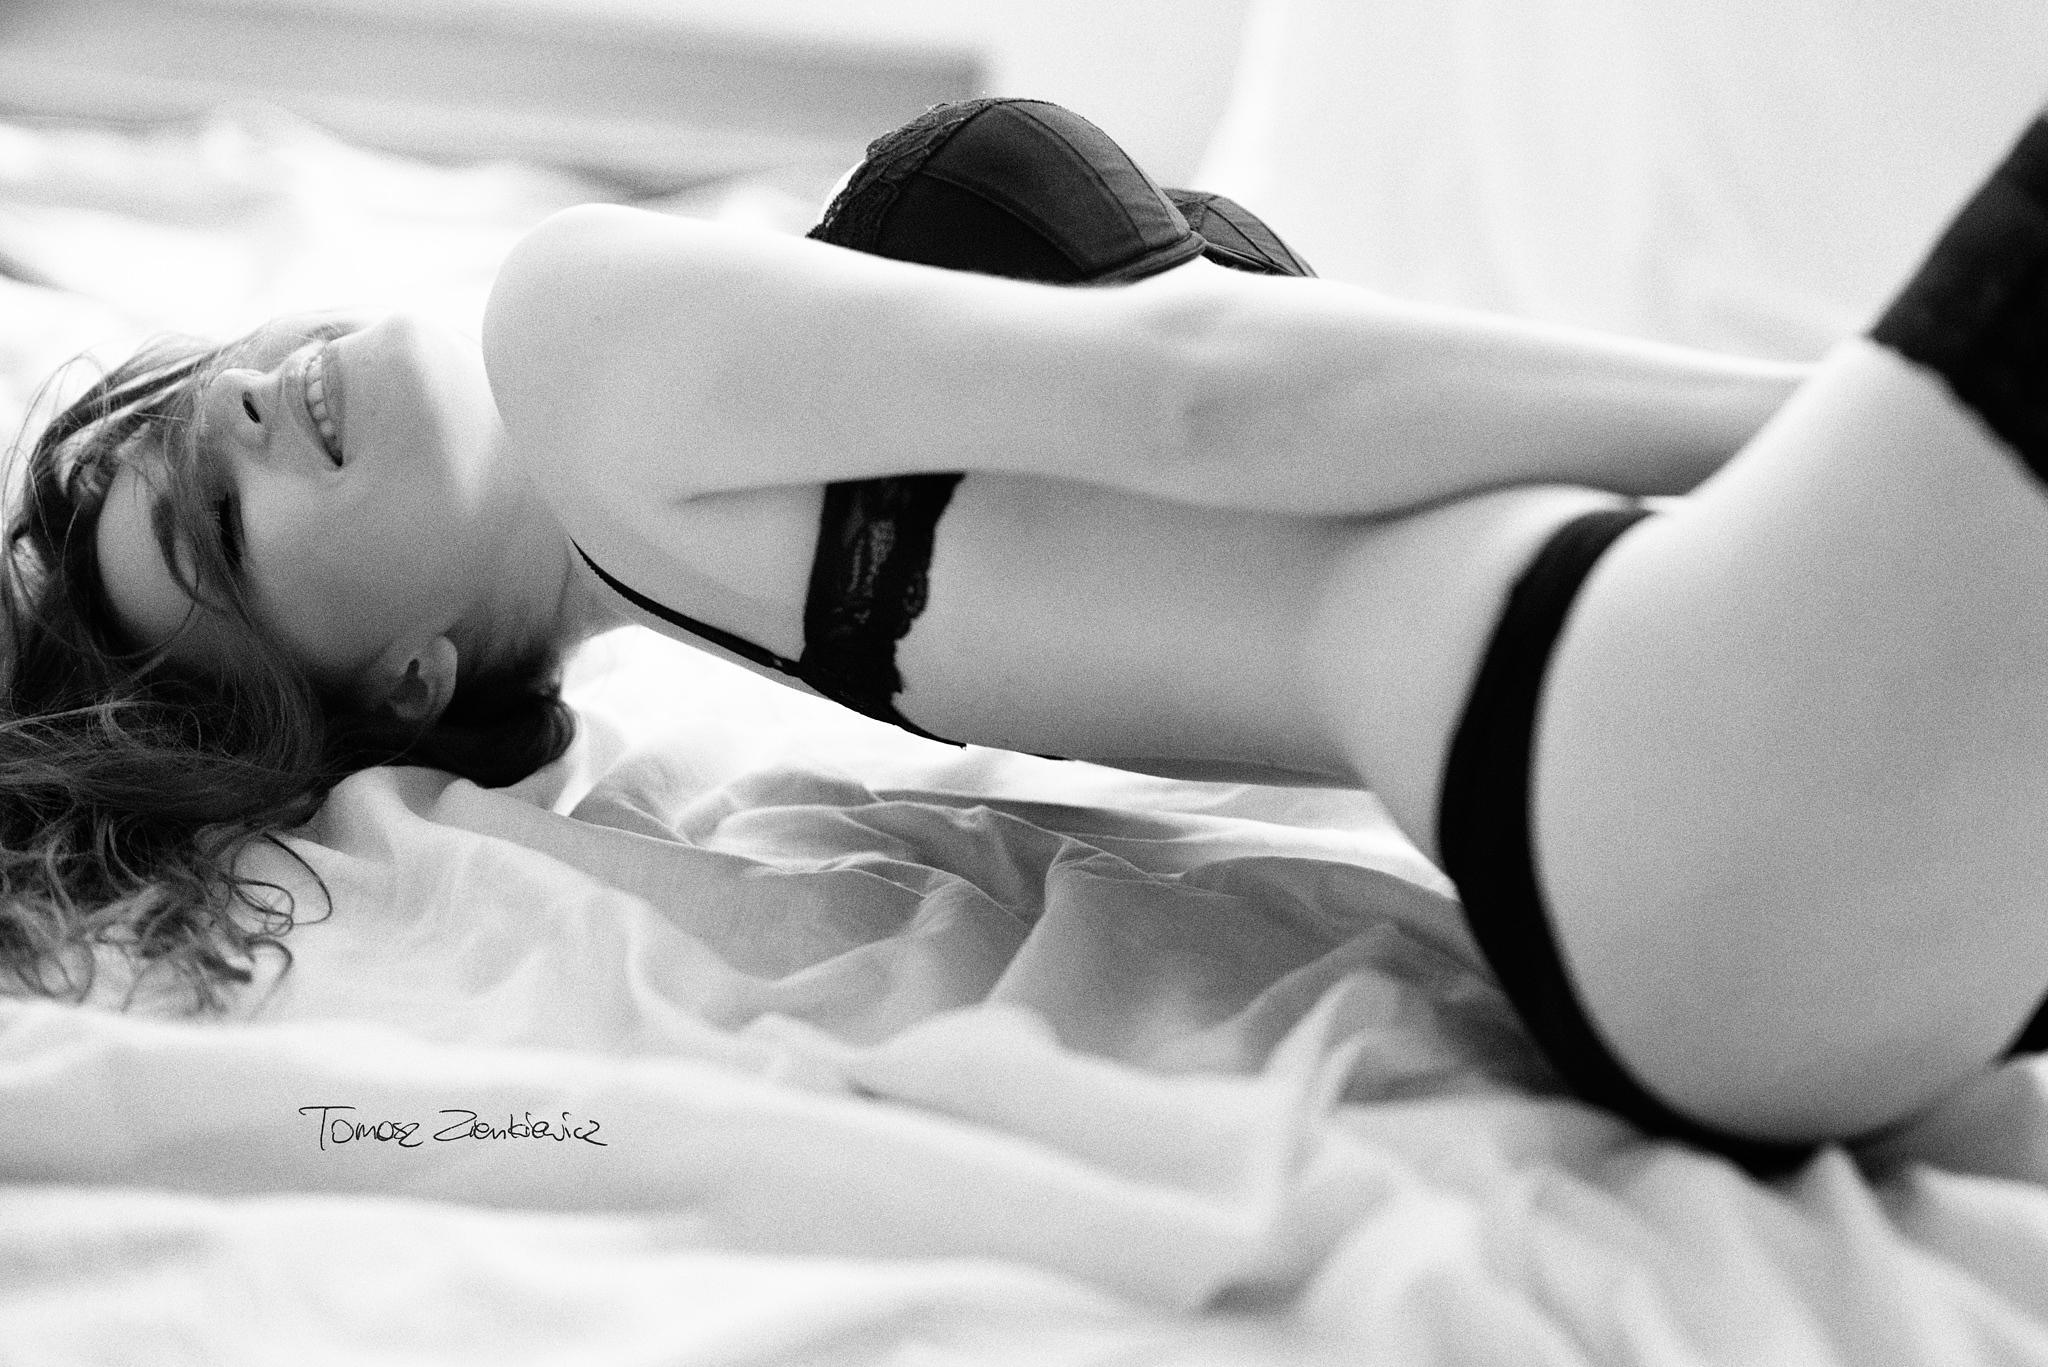 sensual by zieniu by Tomasz Zienkiewicz